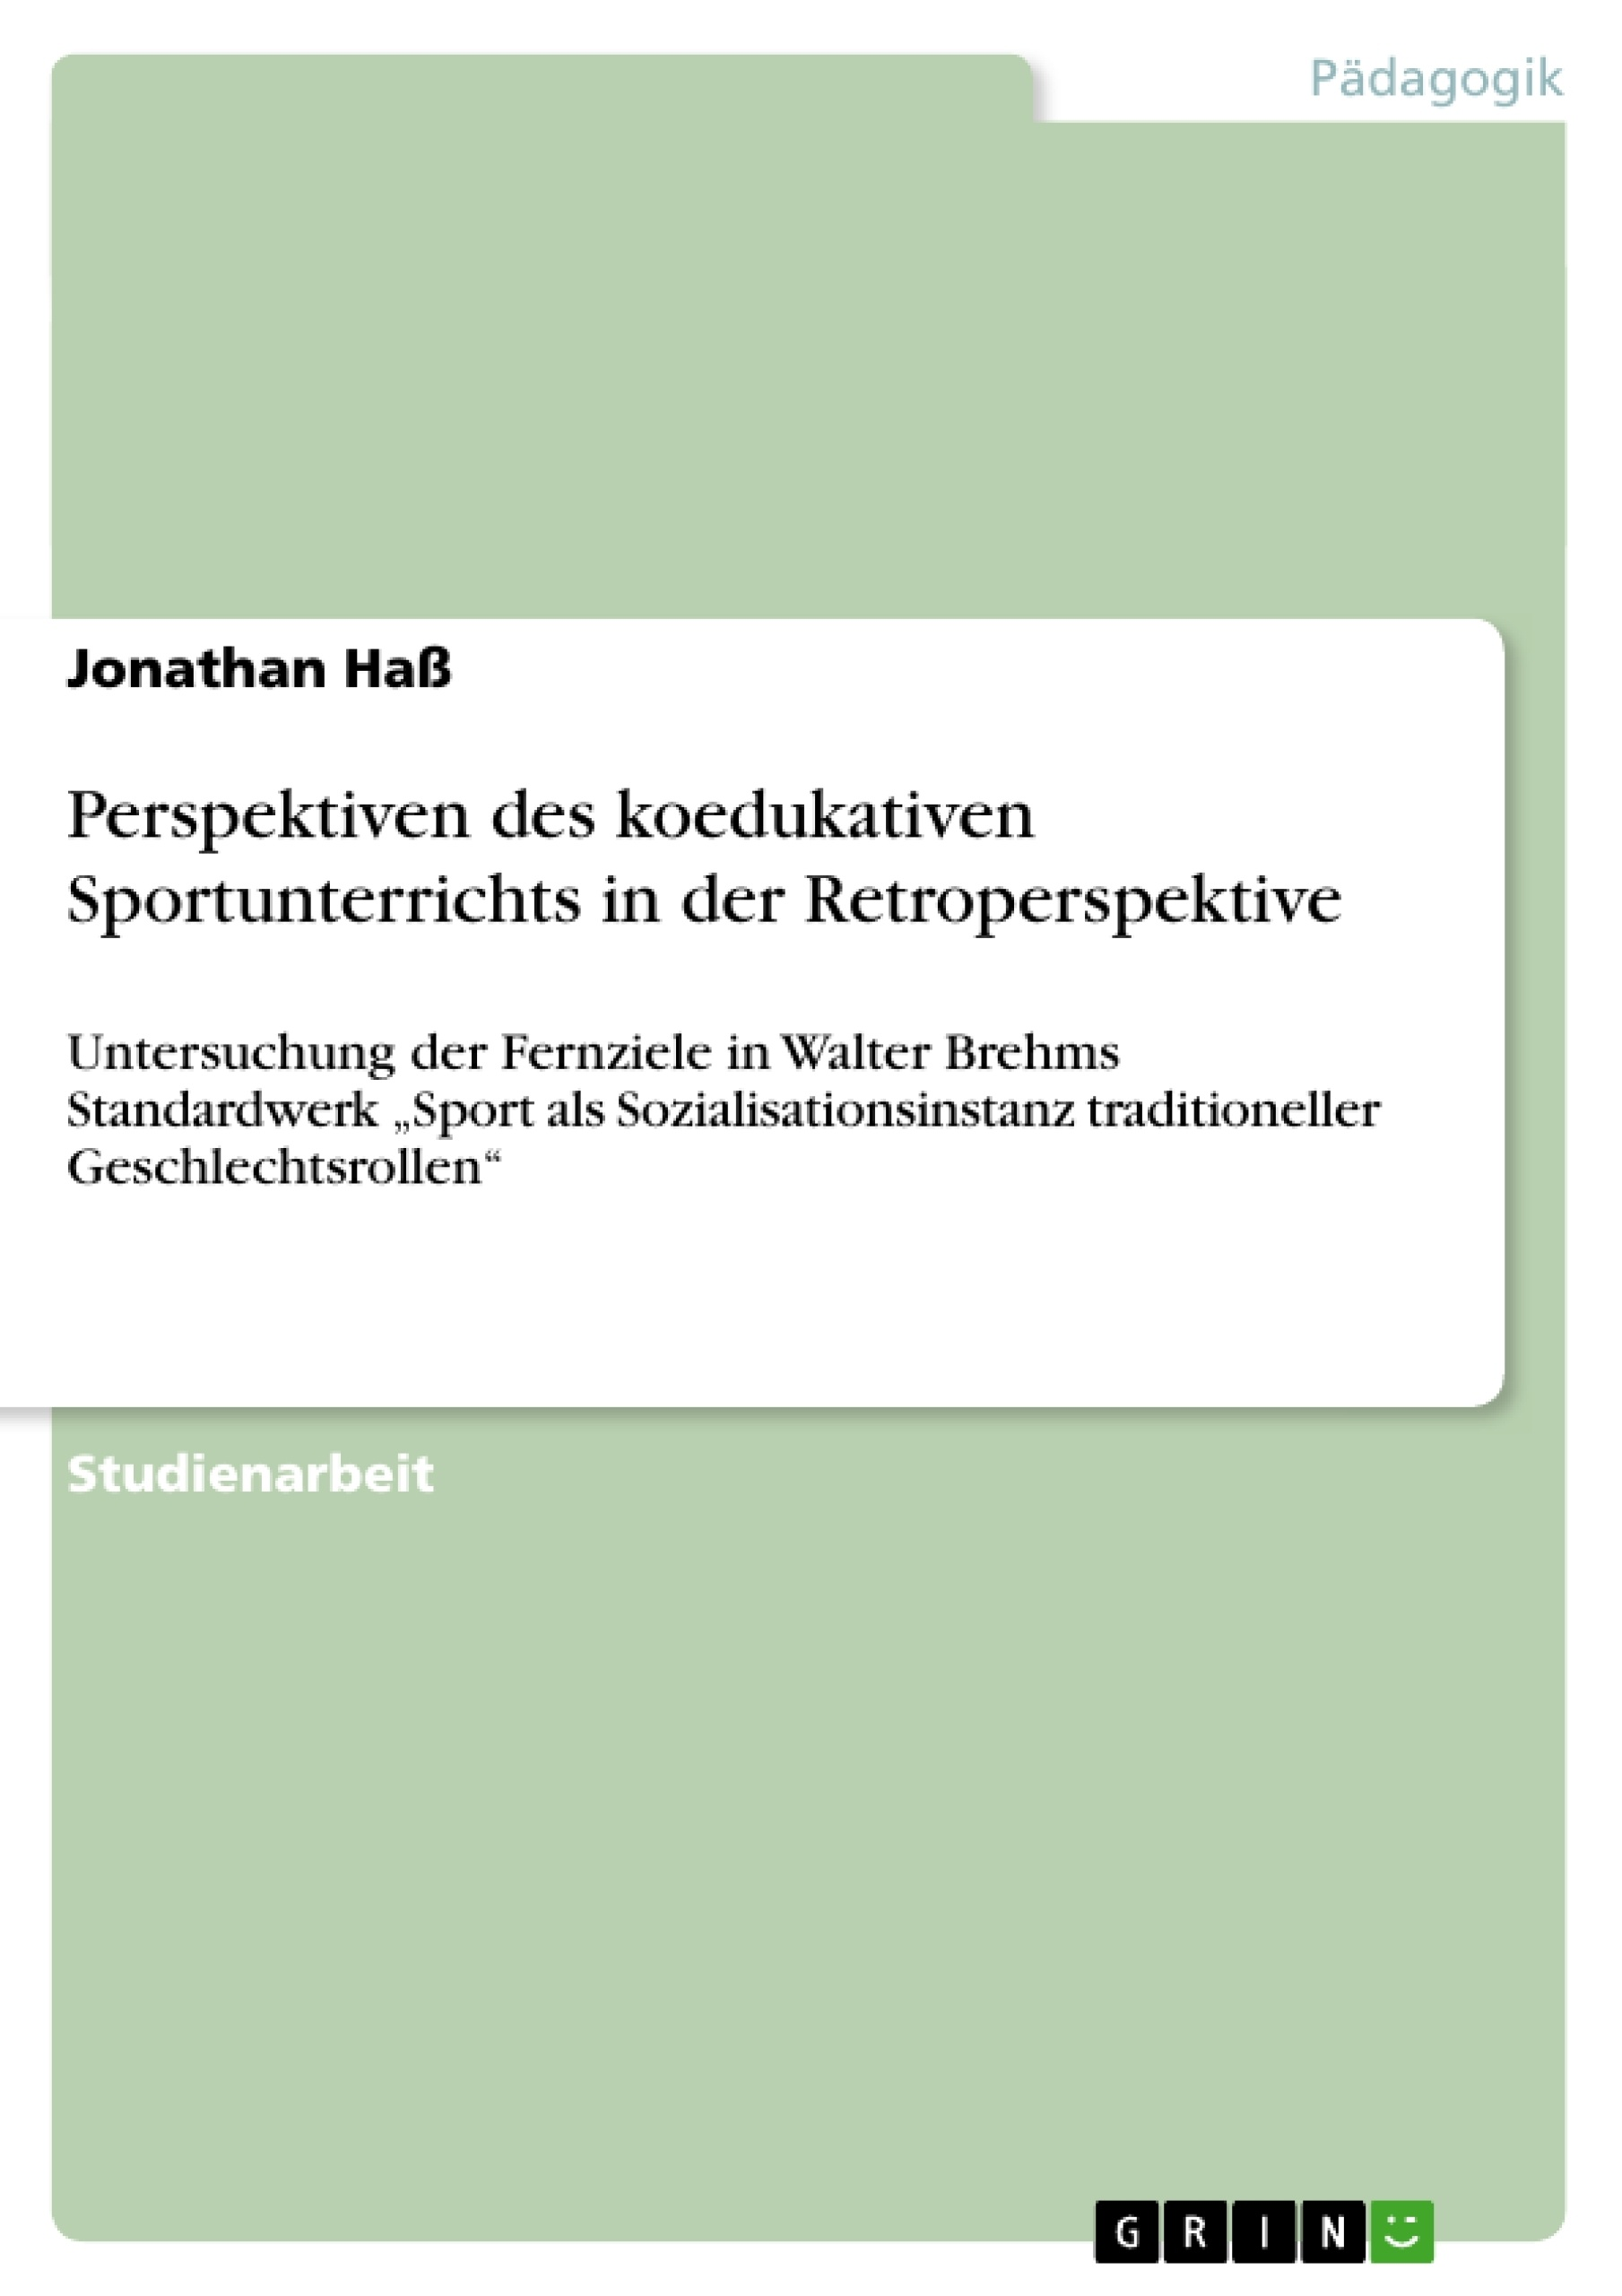 Titel: Perspektiven des koedukativen Sportunterrichts in der Retroperspektive